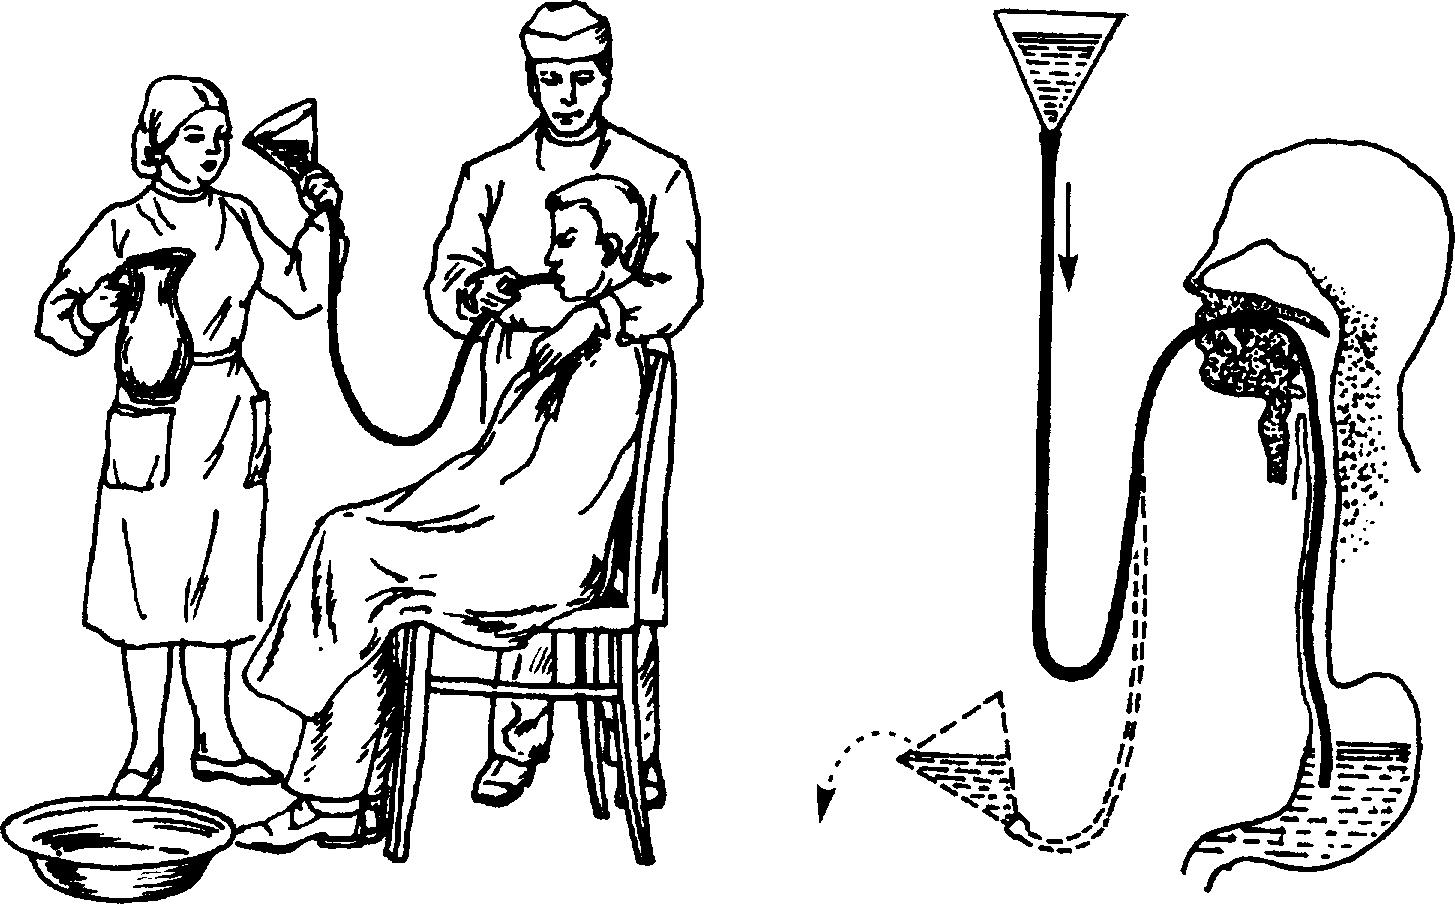 Промывание желудка. техника и алгоритм промывания желудка при отравлении. промывание желудка у детей. показания и противопоказания.